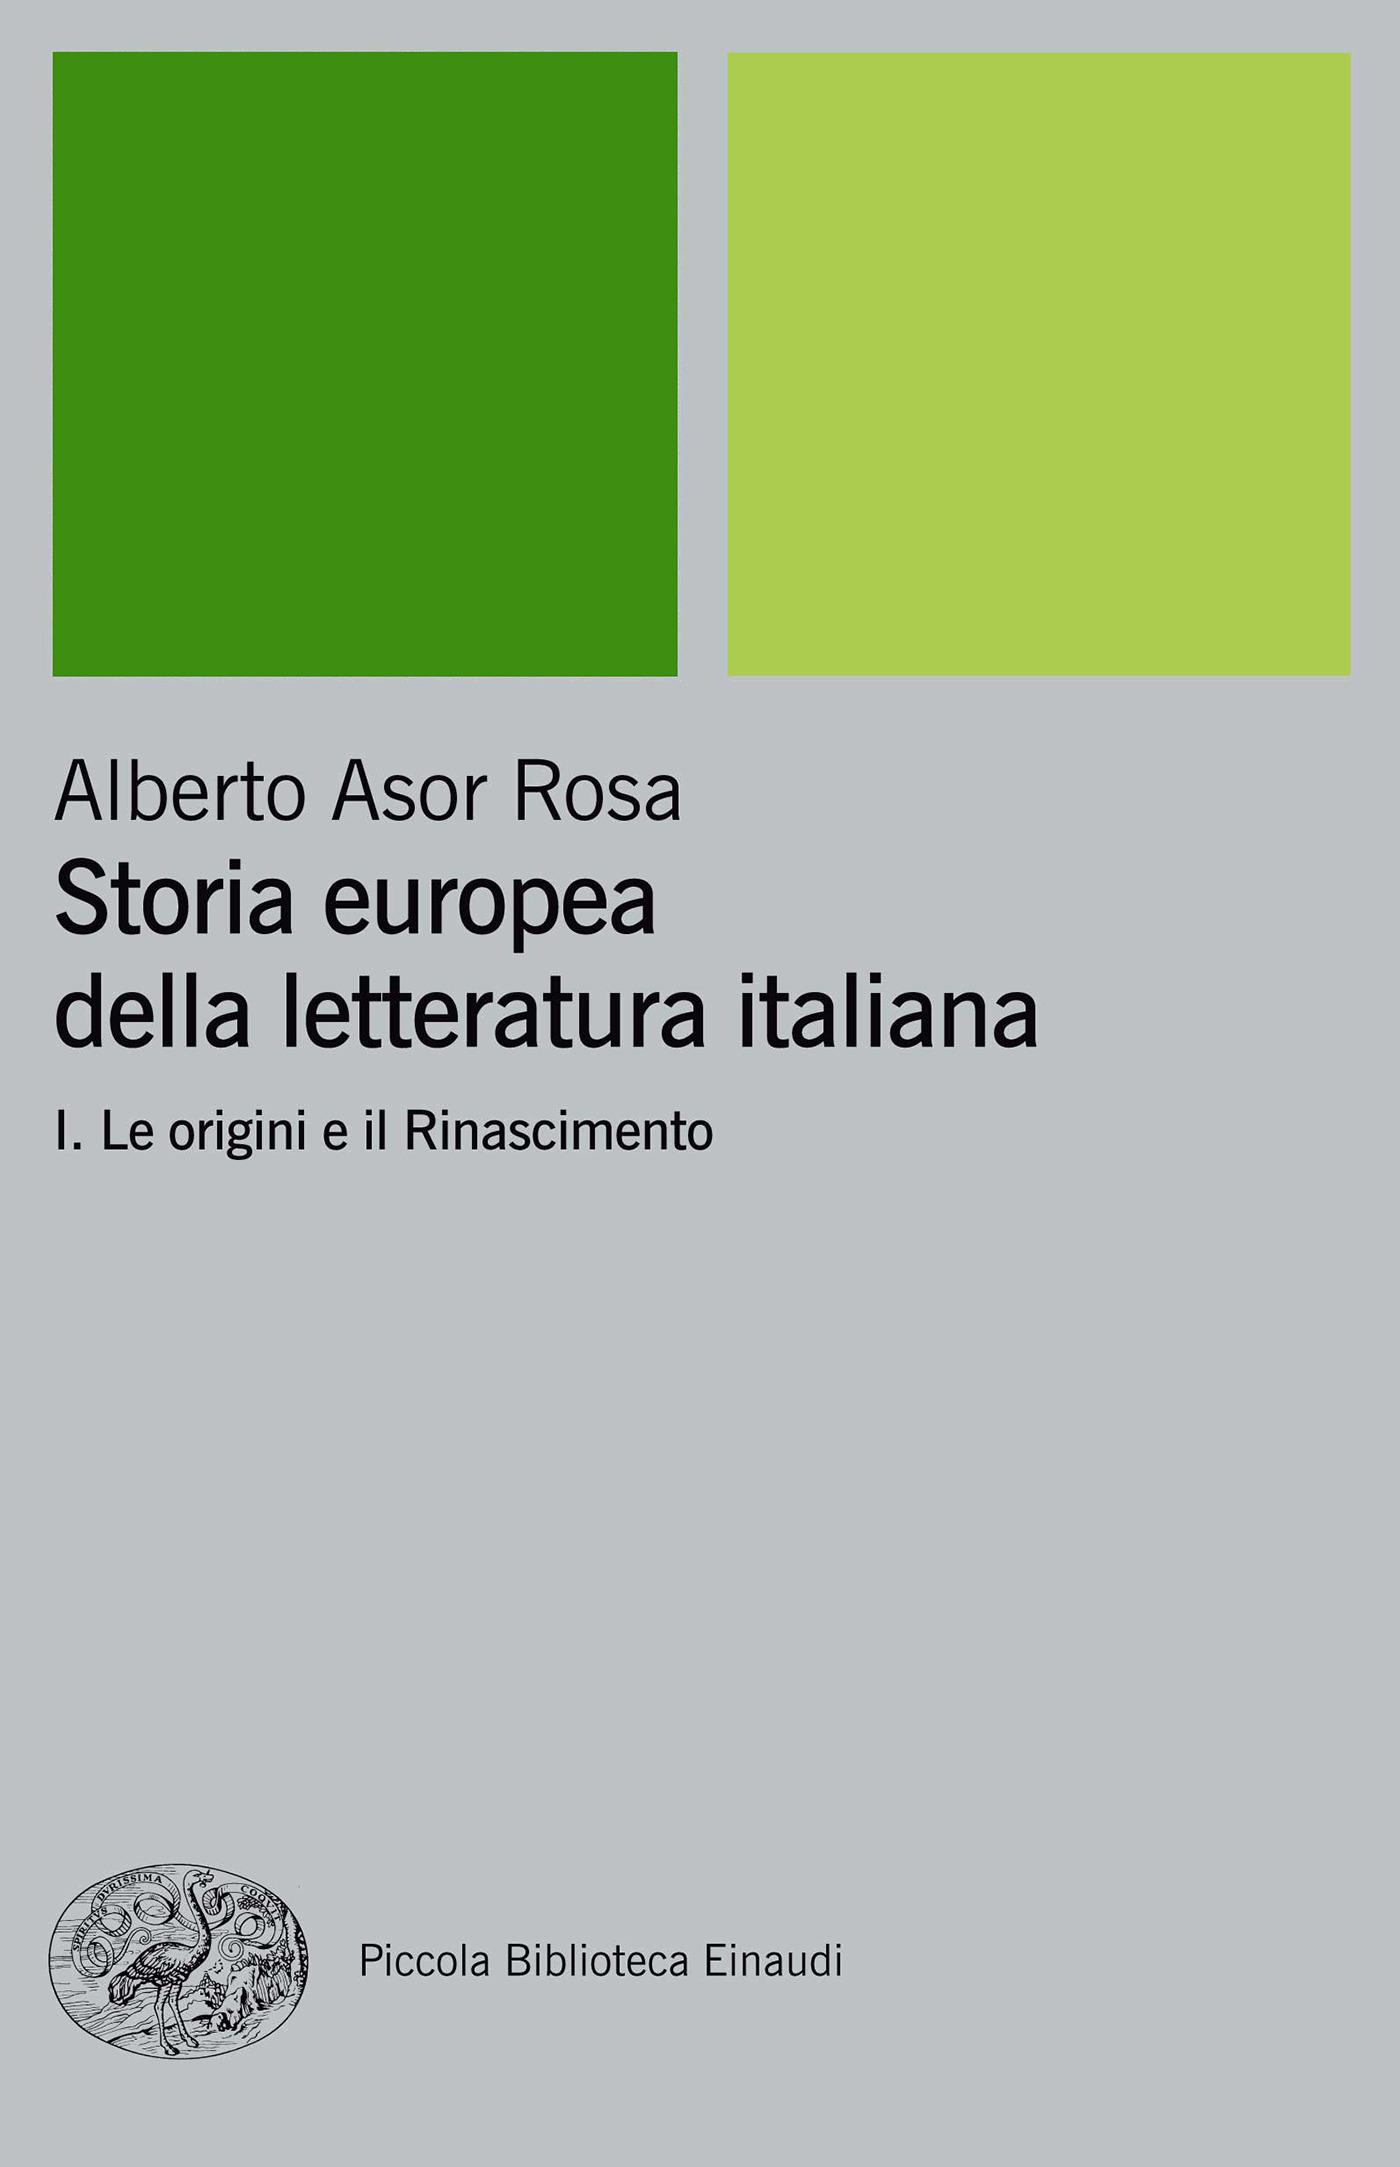 Storia europea della letteratura italiana vol. 1